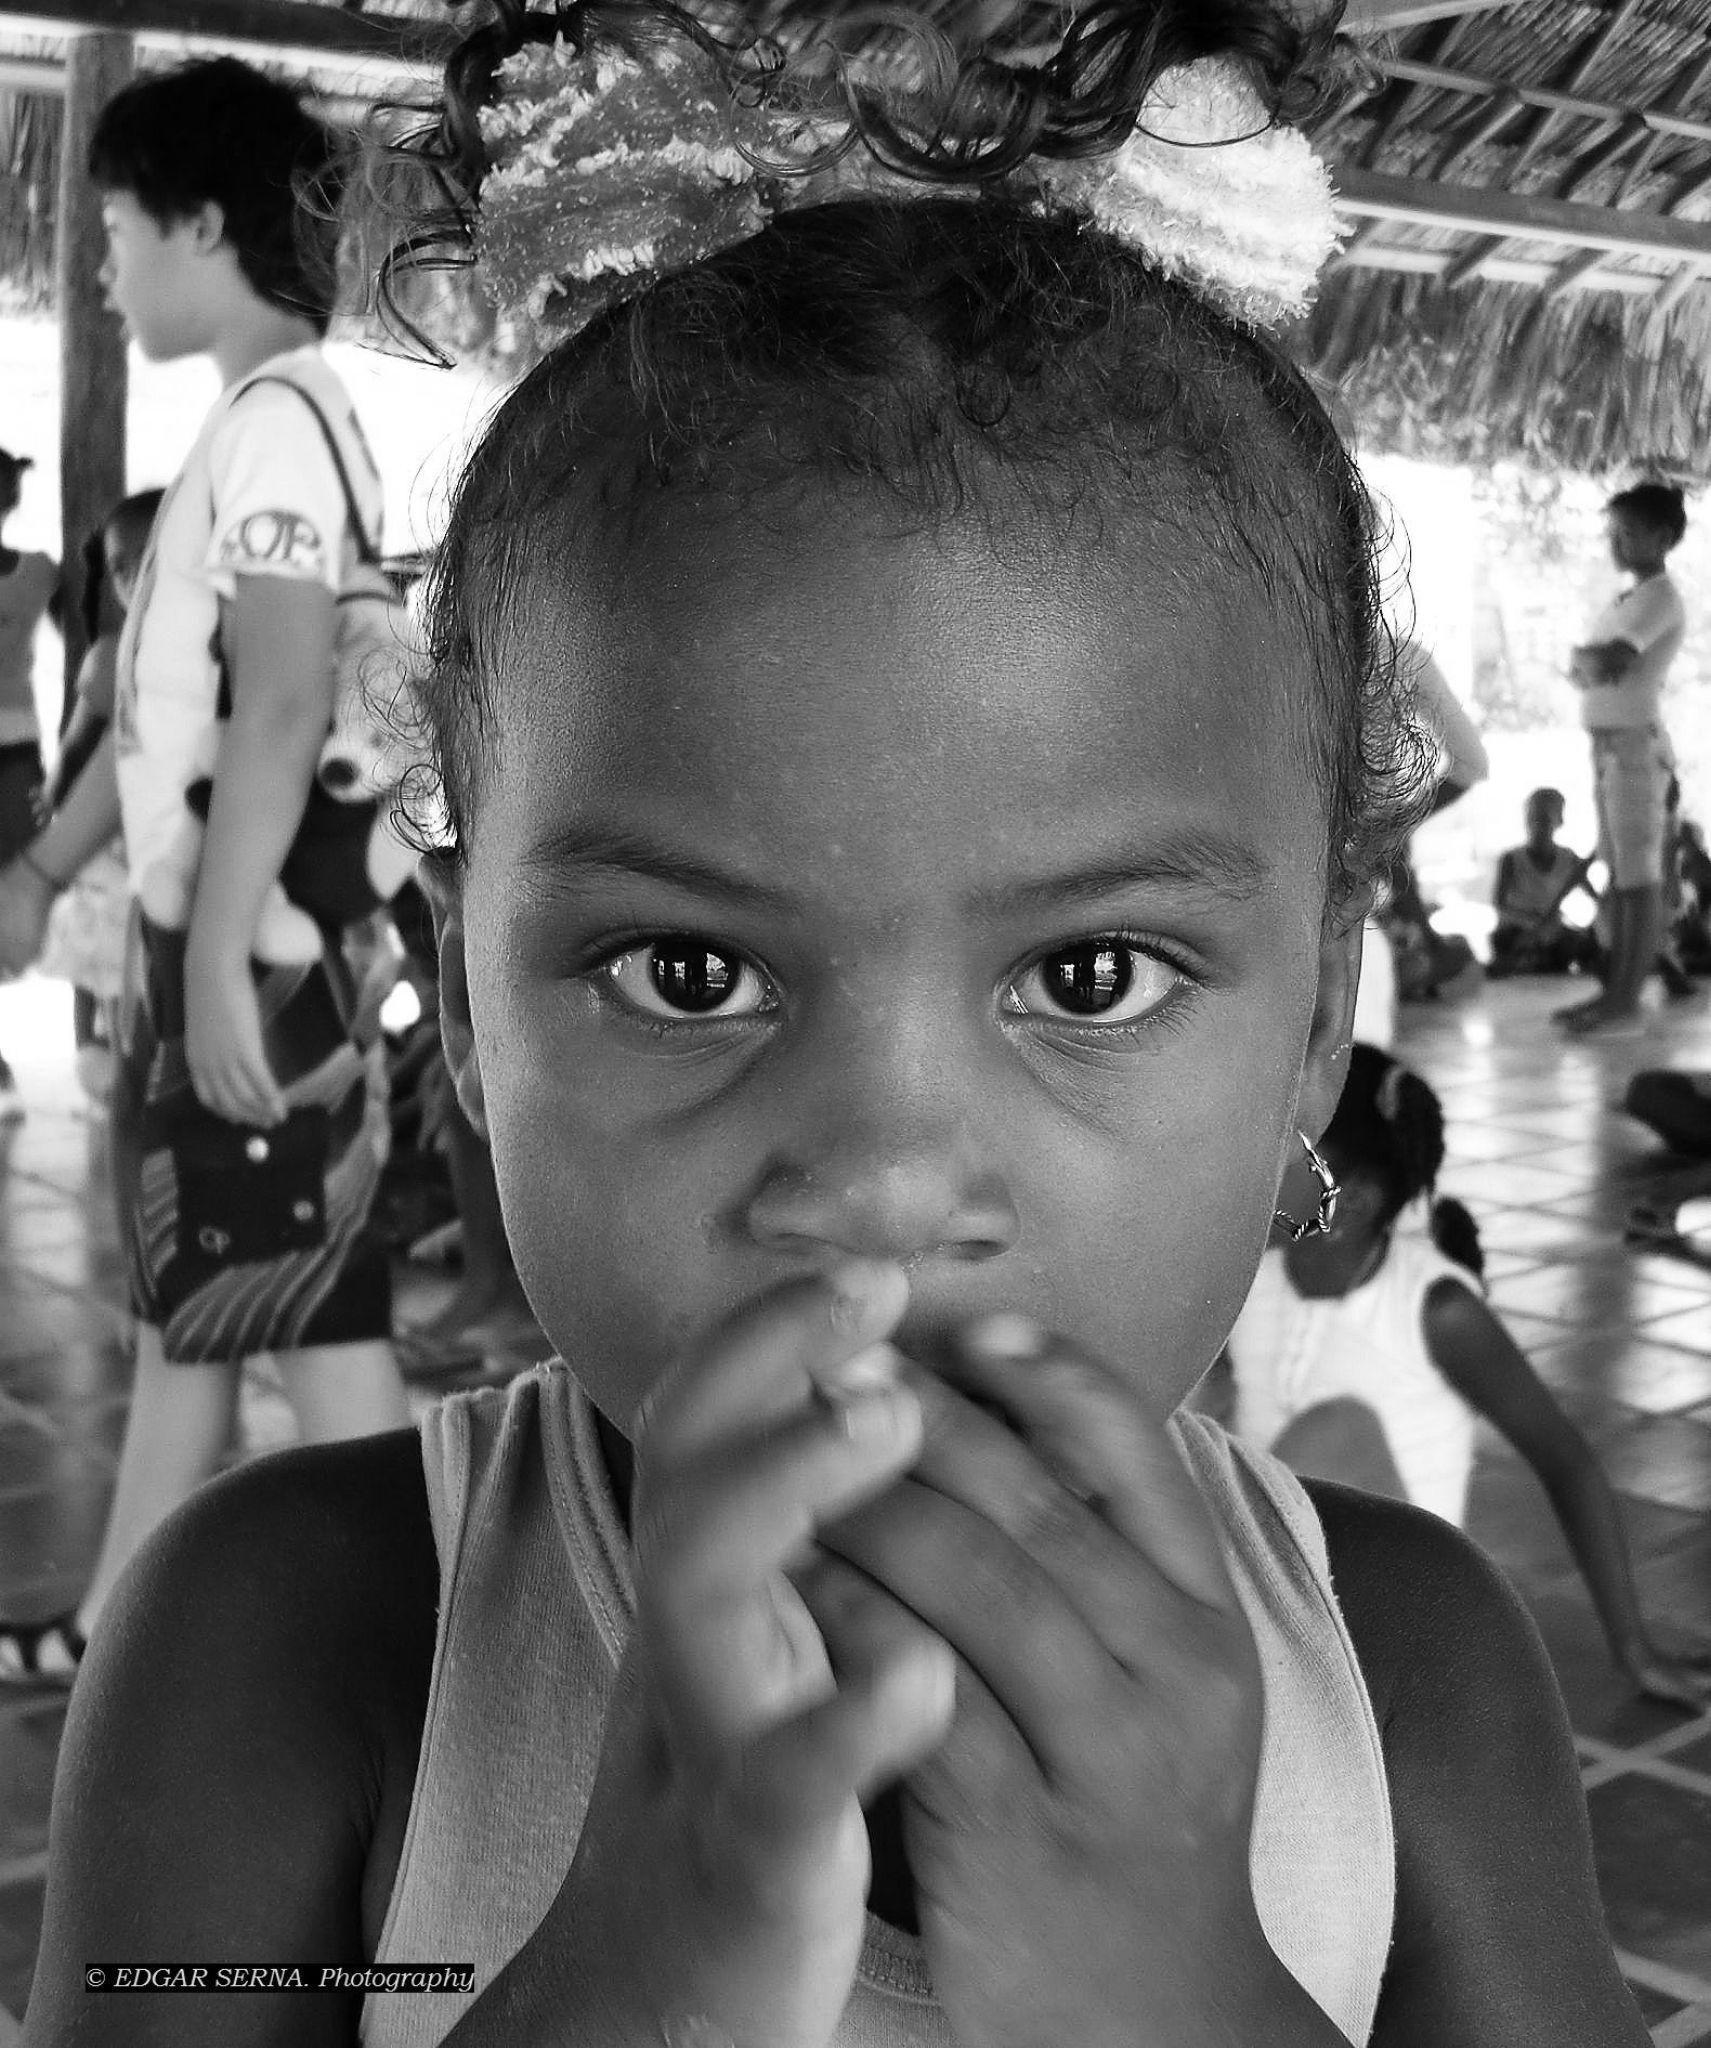 Little girl by Edgar Serna